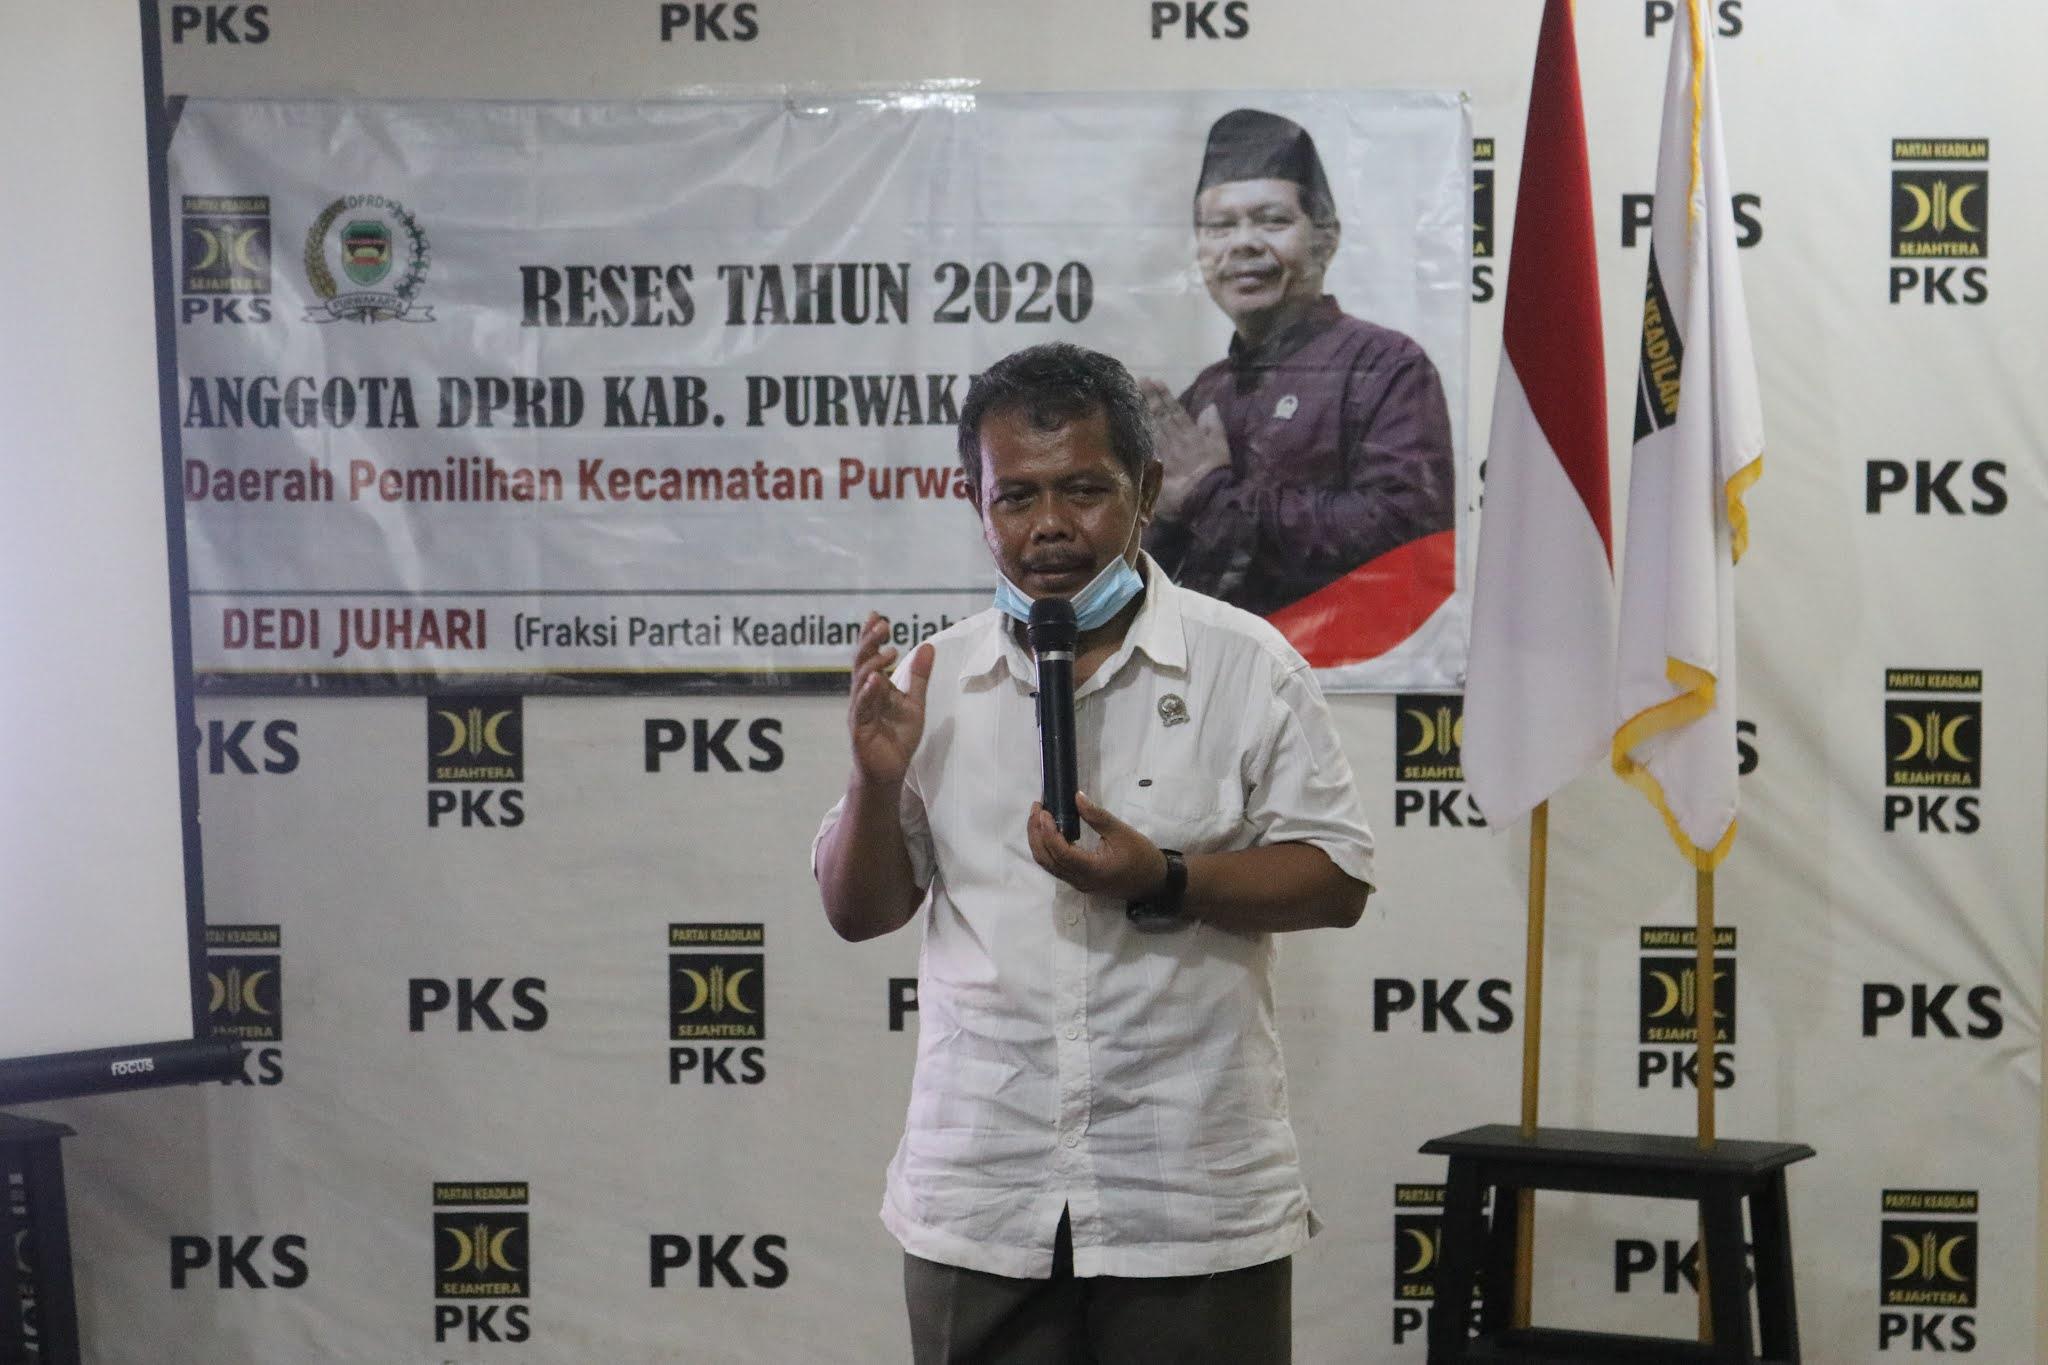 Program SIM Gratis, Masihkah diperjuangkan PKS ?